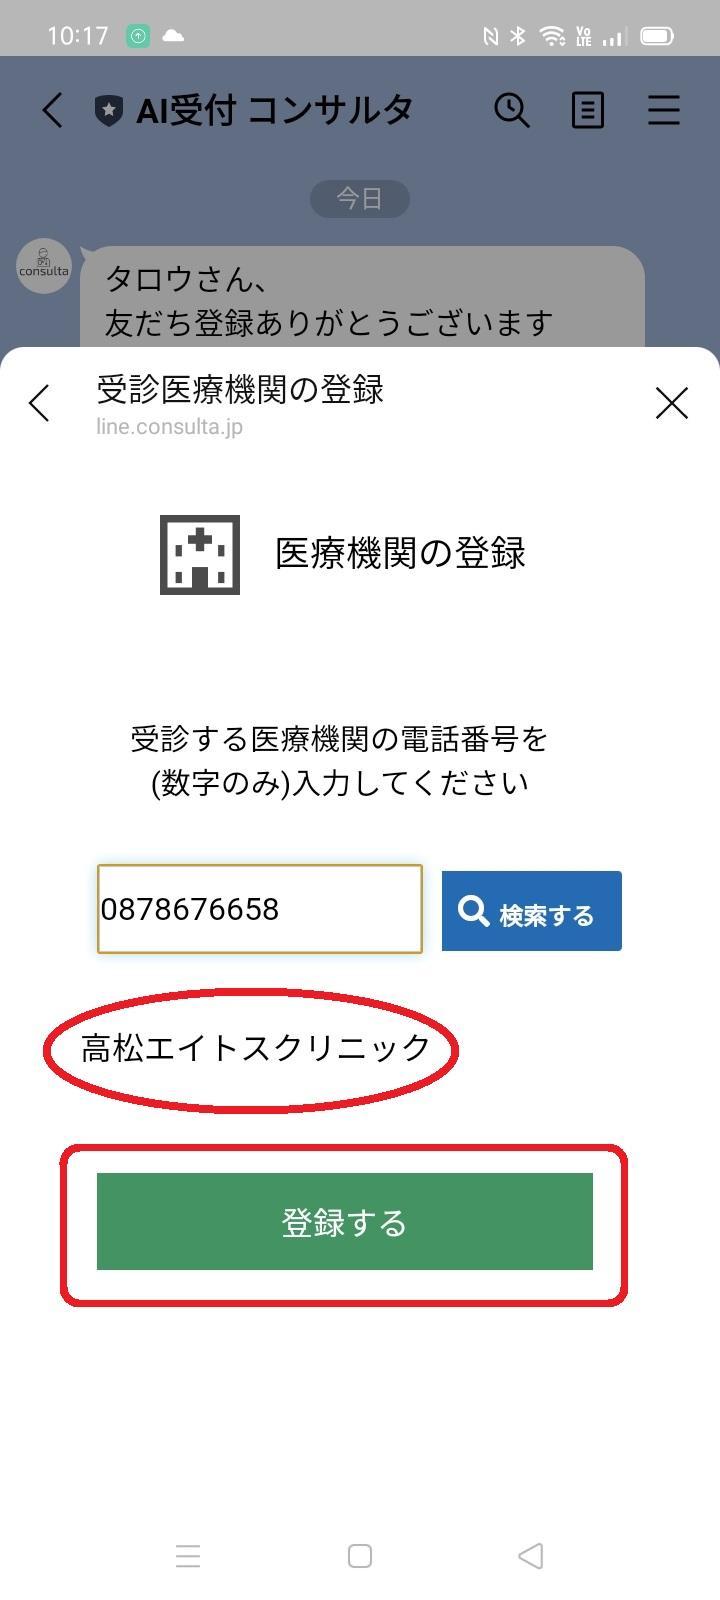 ユーザー登録 医療機関の登録3